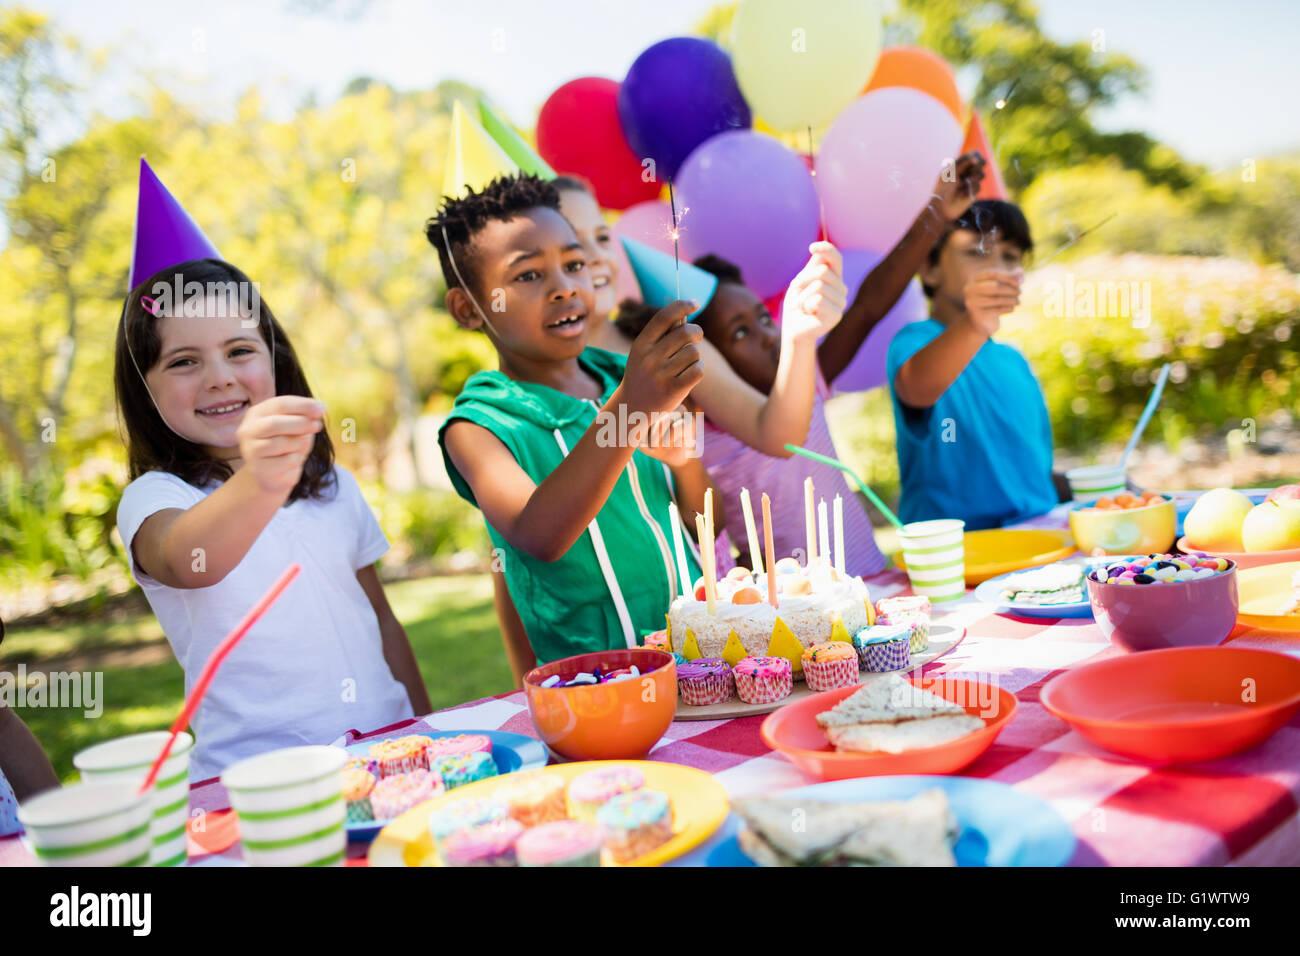 Mignon enfants sourire et s'amuser pendant une soirée d'anniversaire Photo Stock